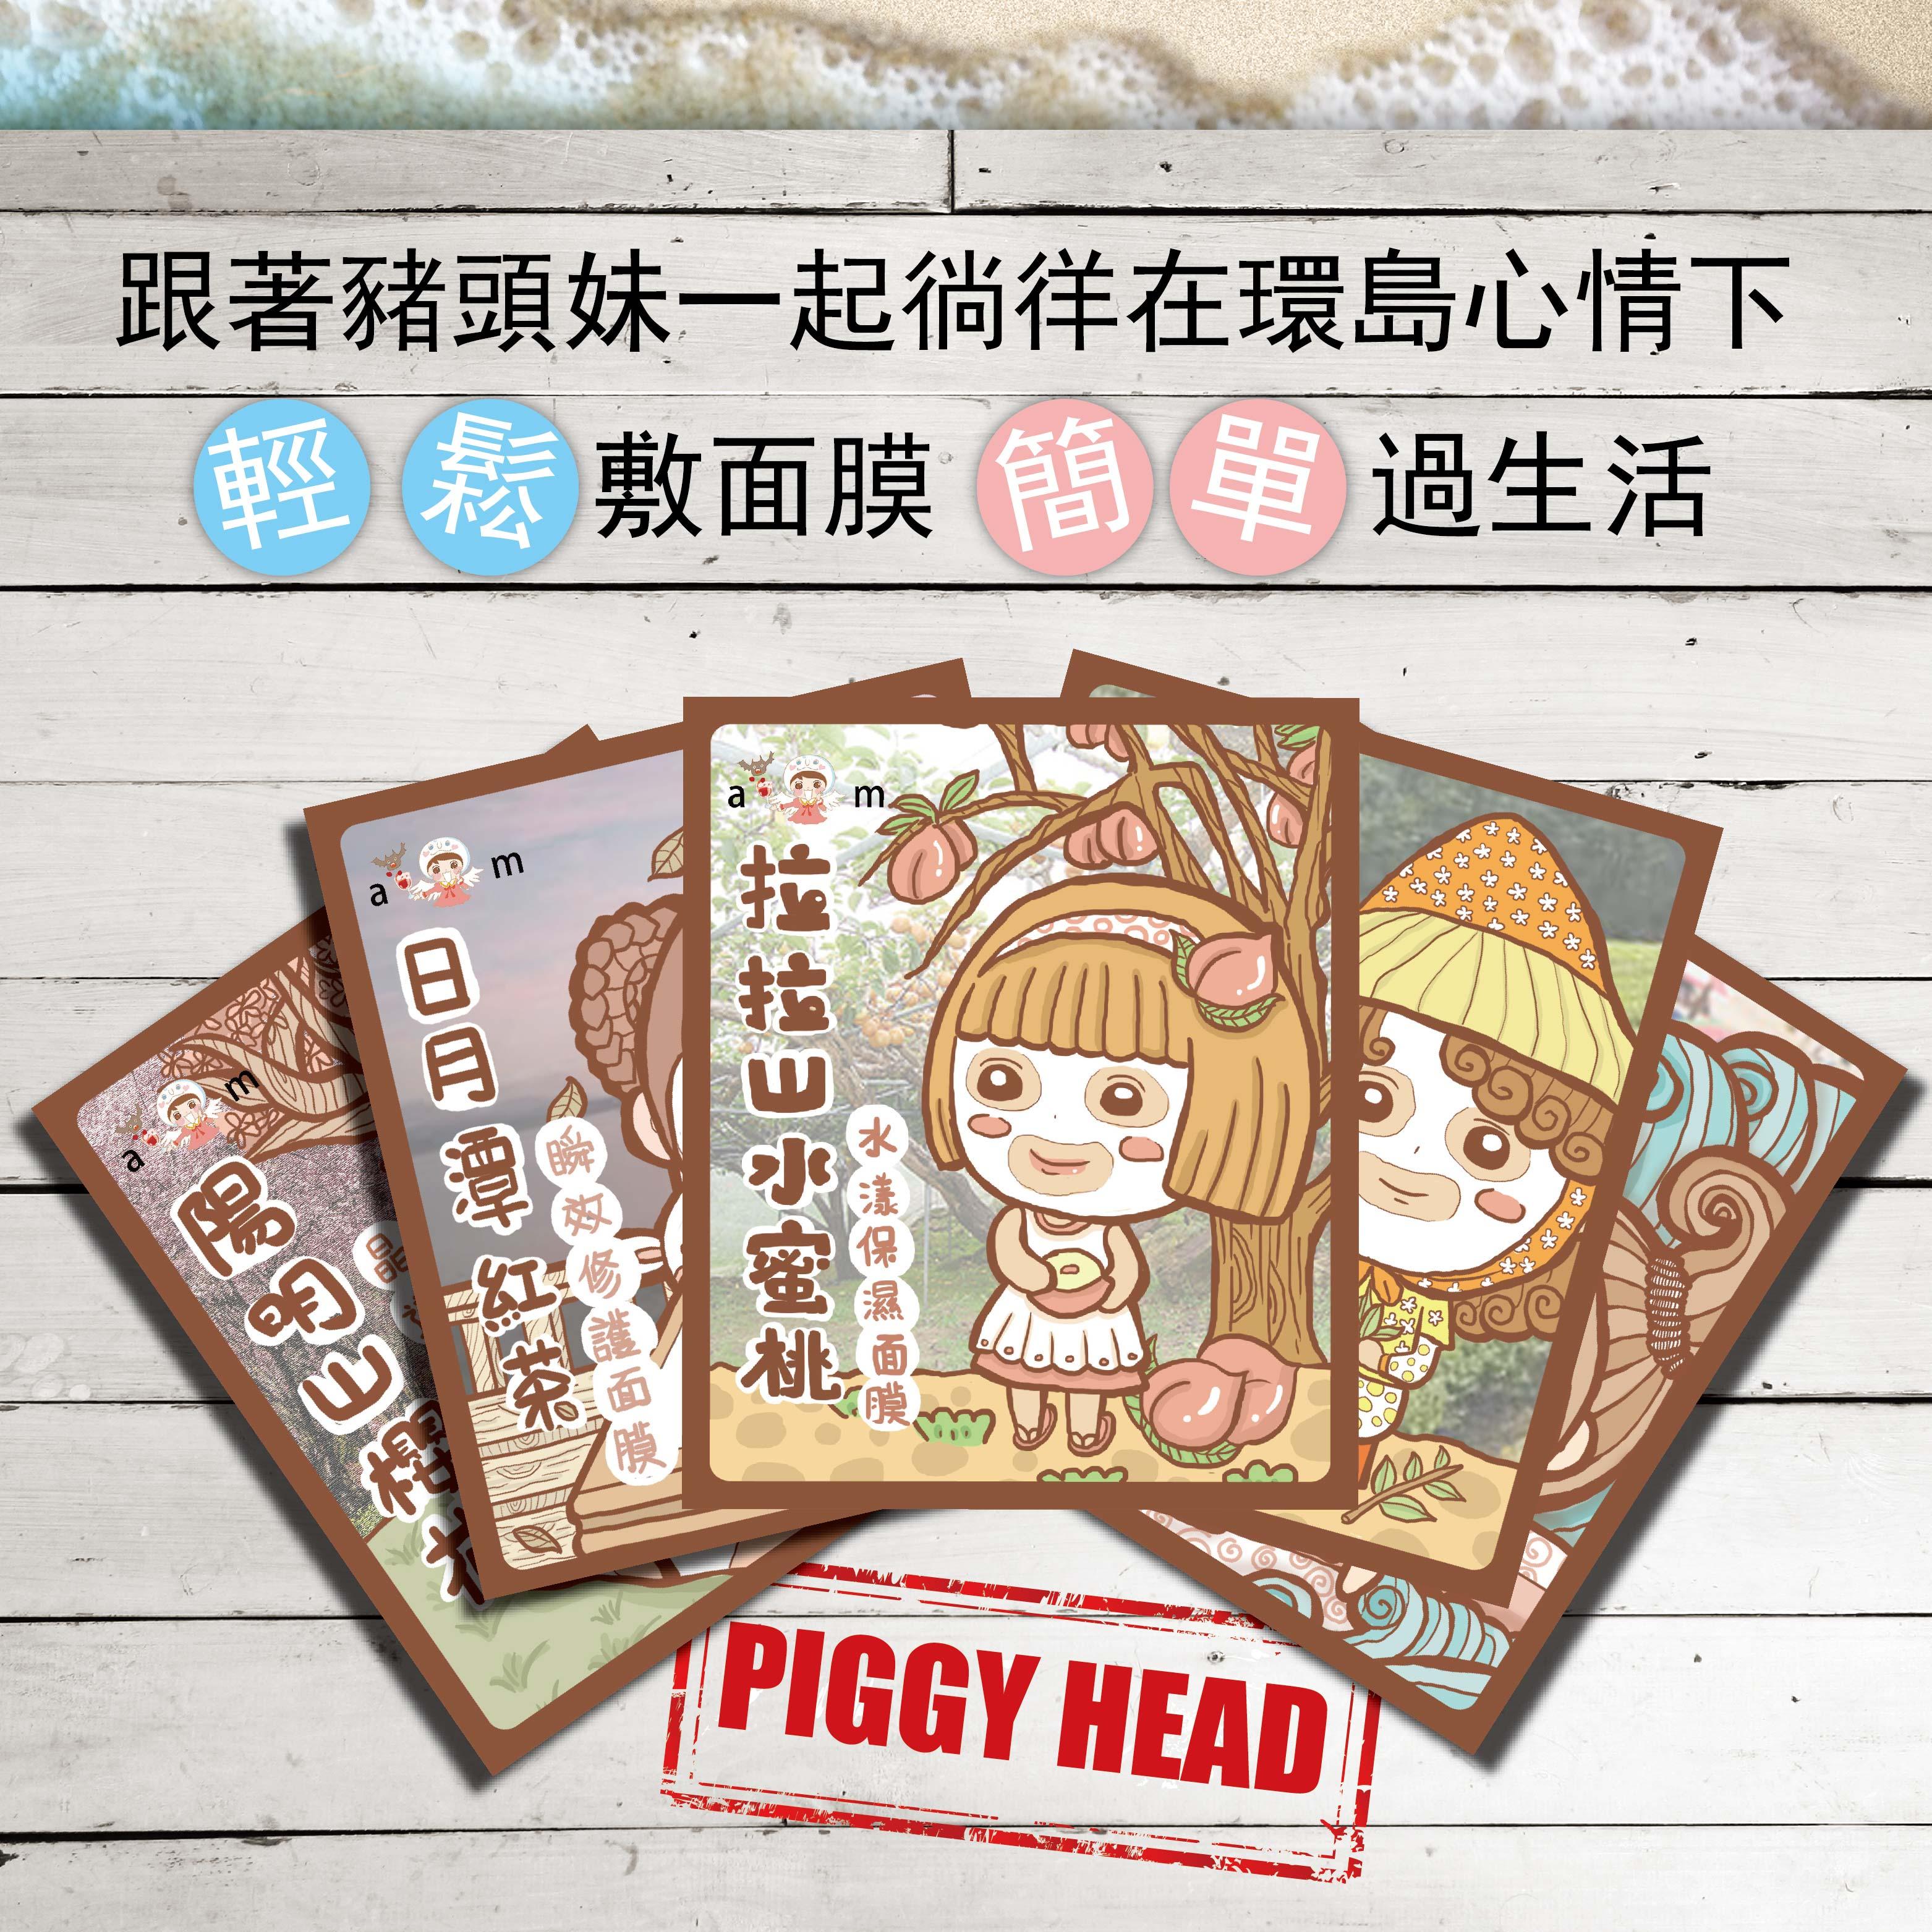 AM 豬頭妹 台灣系列面膜 10片入(盒裝)(每款各2片)